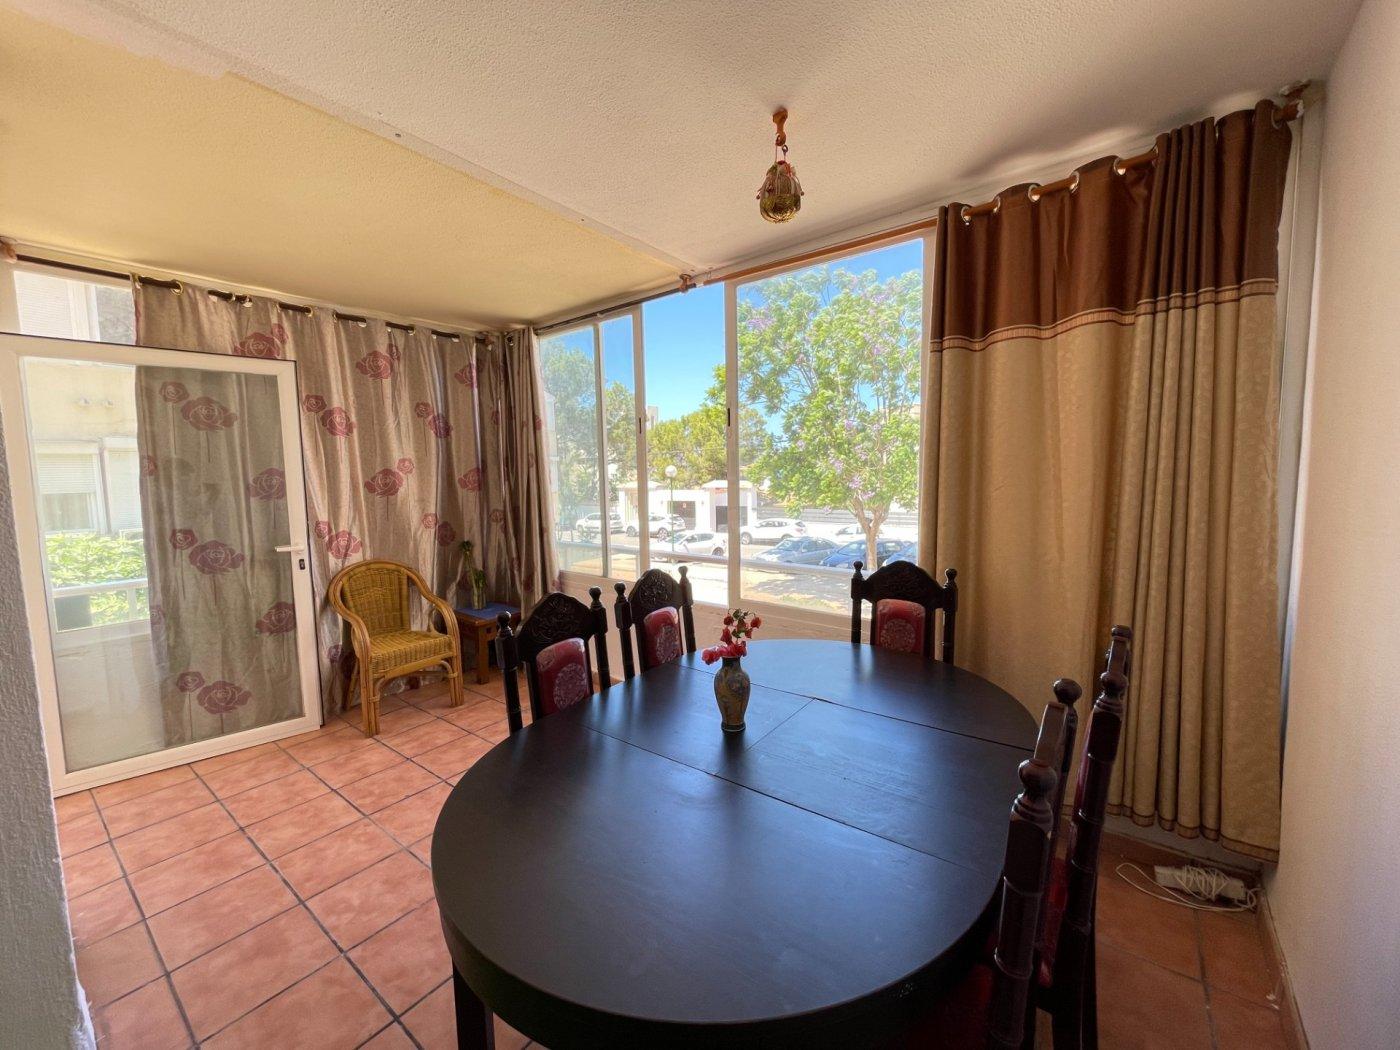 Se vende piso de dos dormitorios con piscina y parking comunitaria - imagenInmueble6